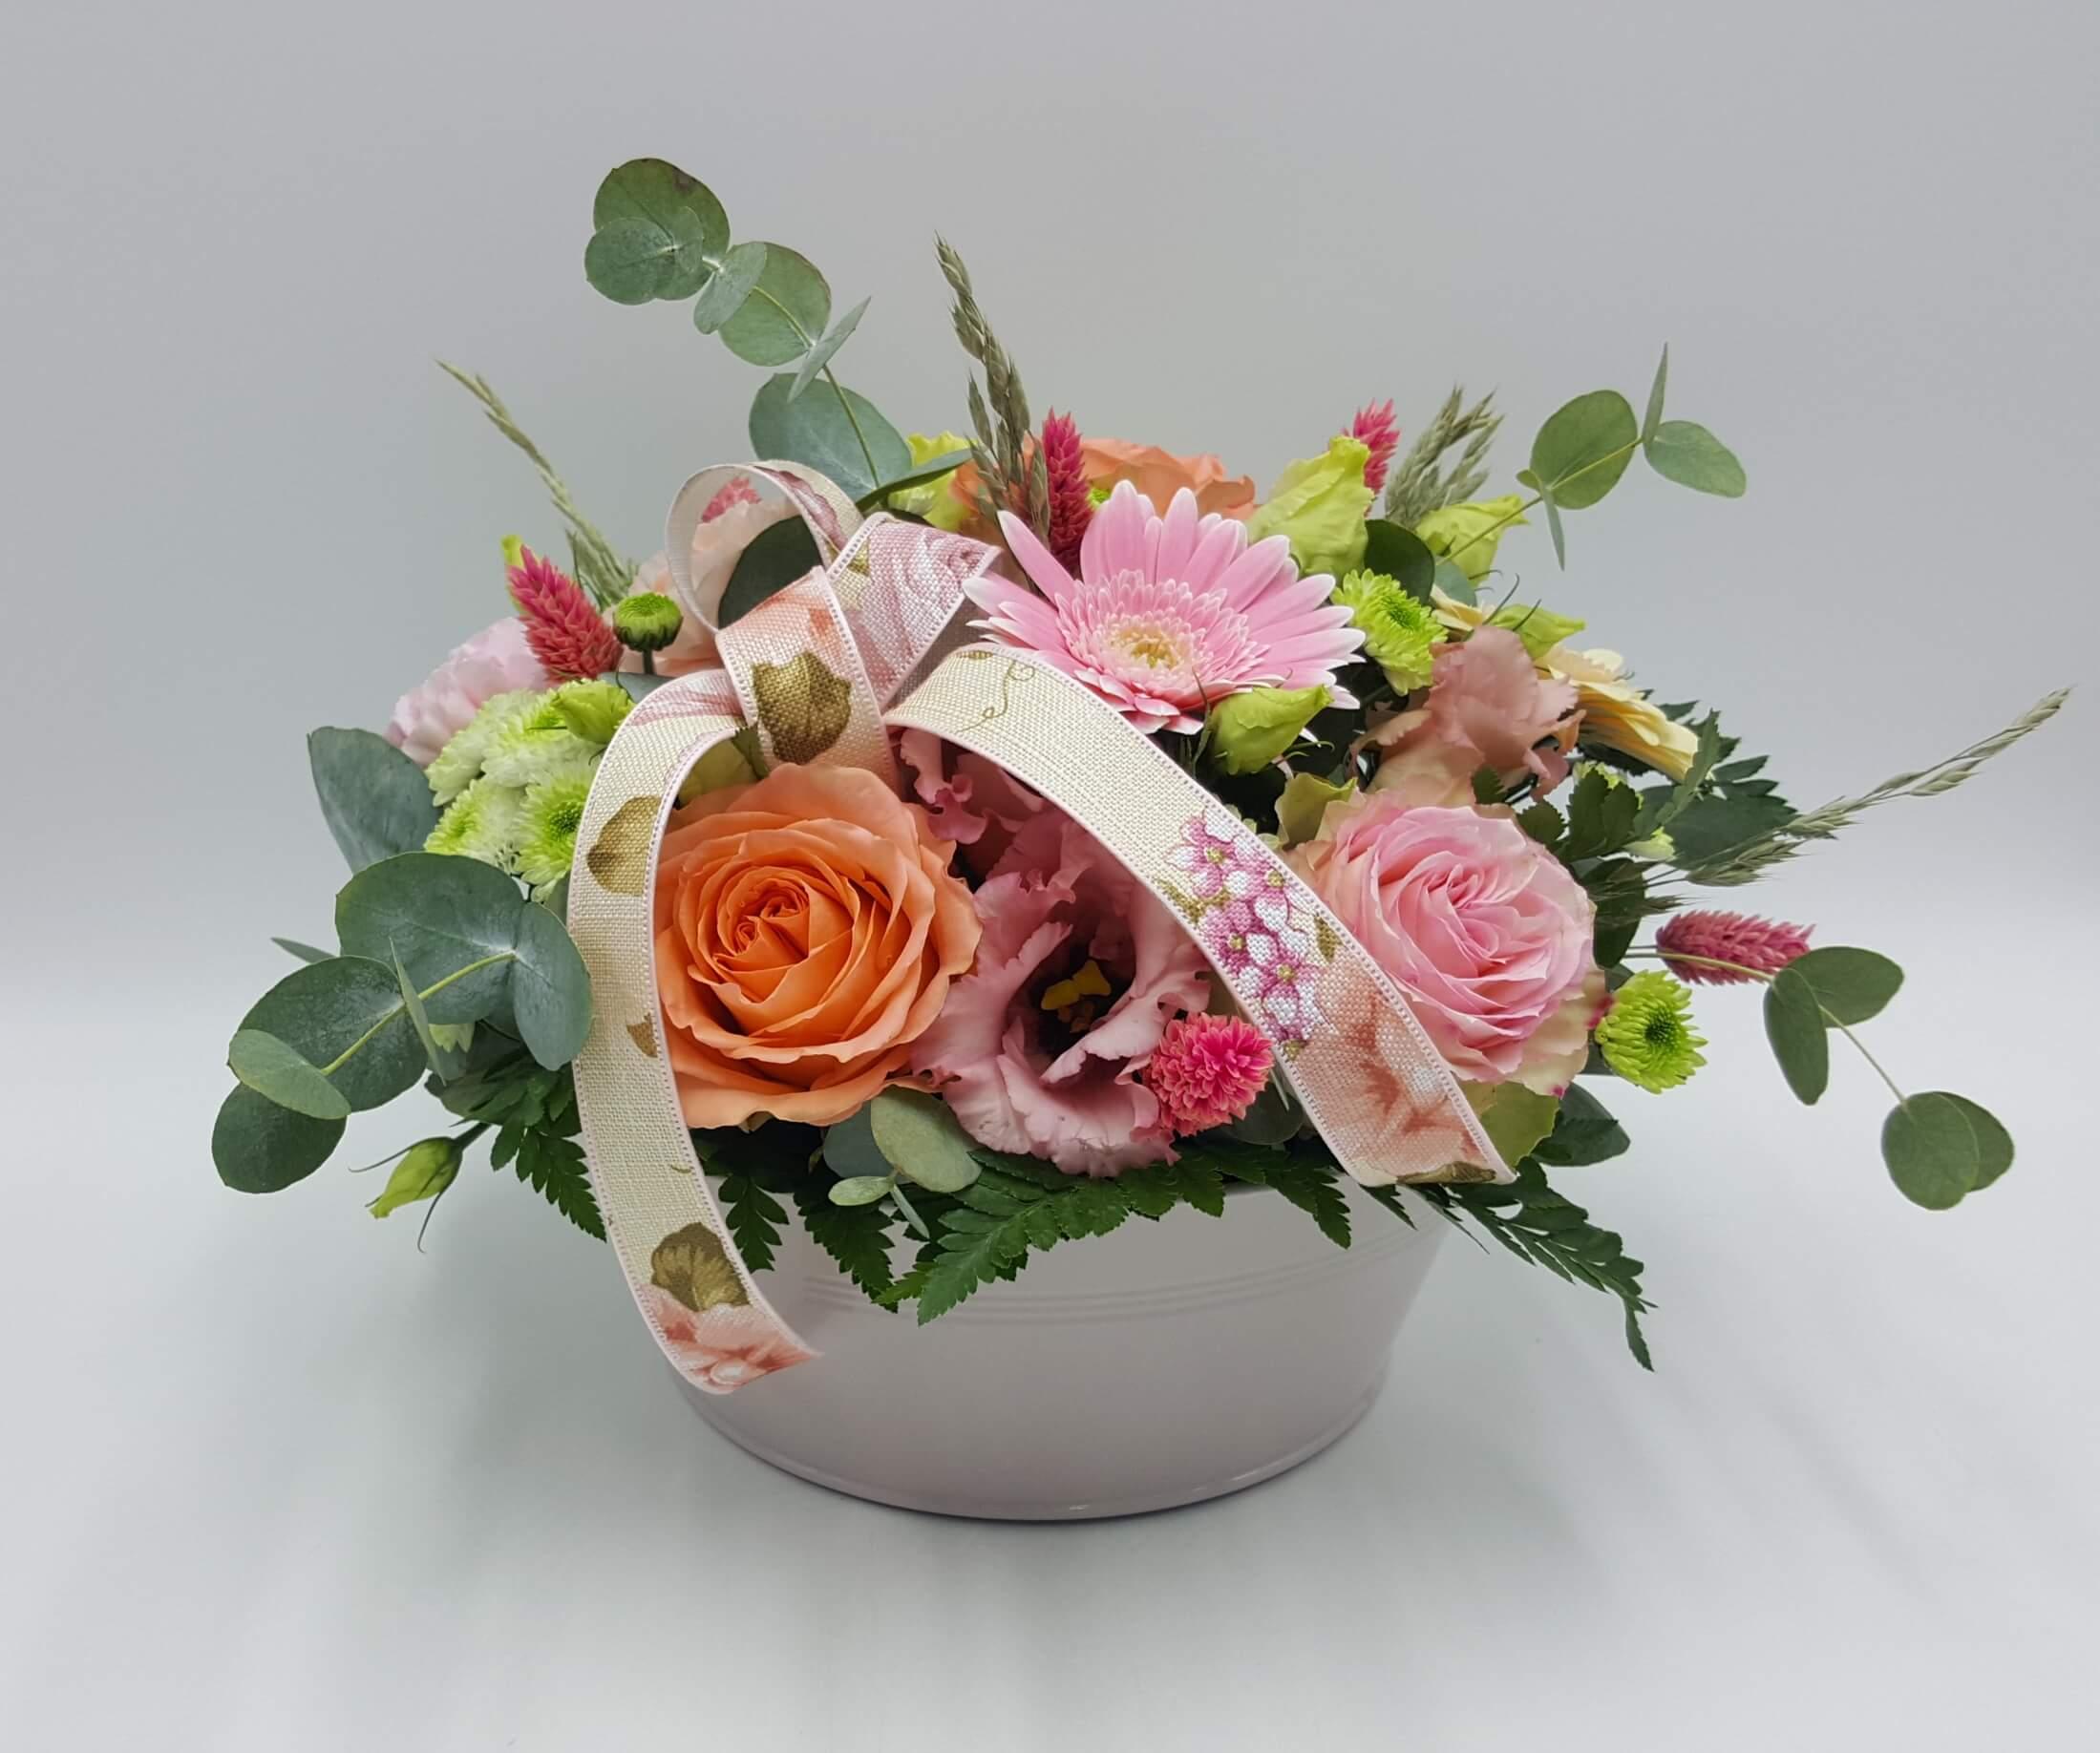 Fleuriste à OLES ATELIERS D'EGLANTINE, Fleuriste à Eguzon - Compositions florales (Indre 36)rsennes - Livraison de fleurs à Saint-Plantaire (36)